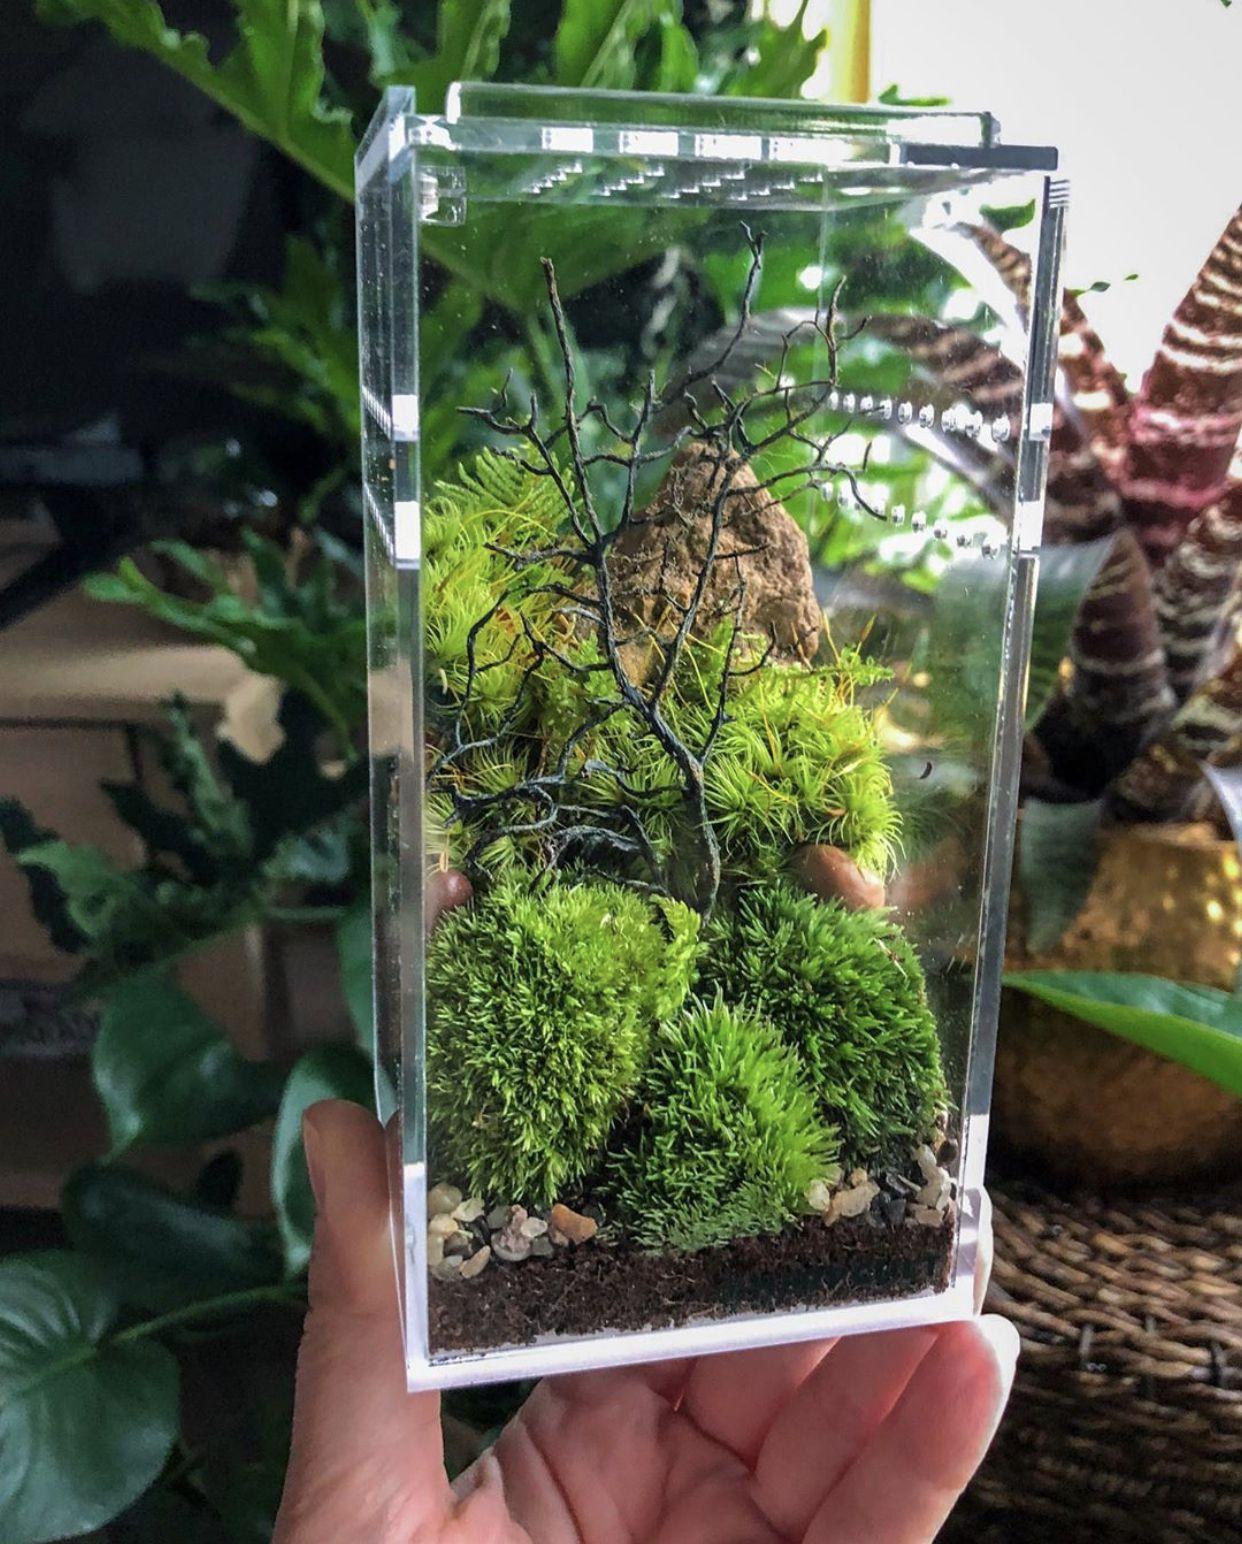 self-sustaining terrarium ecosystem